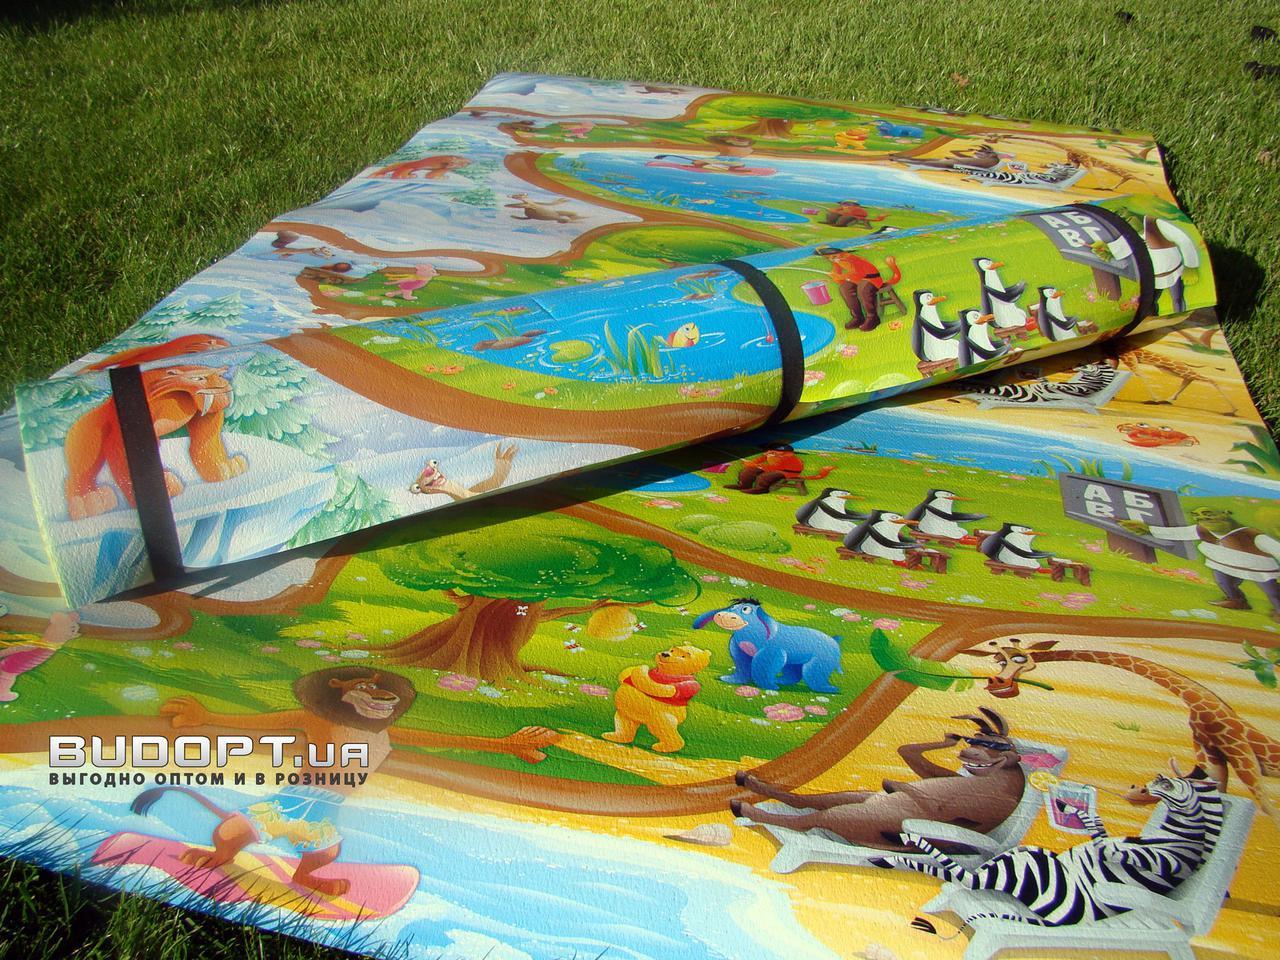 Детский игровой развивающий коврик OSPORT Мадагаскар 120x200см (FI-0091) - FitUp (ФитАп) - Интрнет Магазин в Киеве